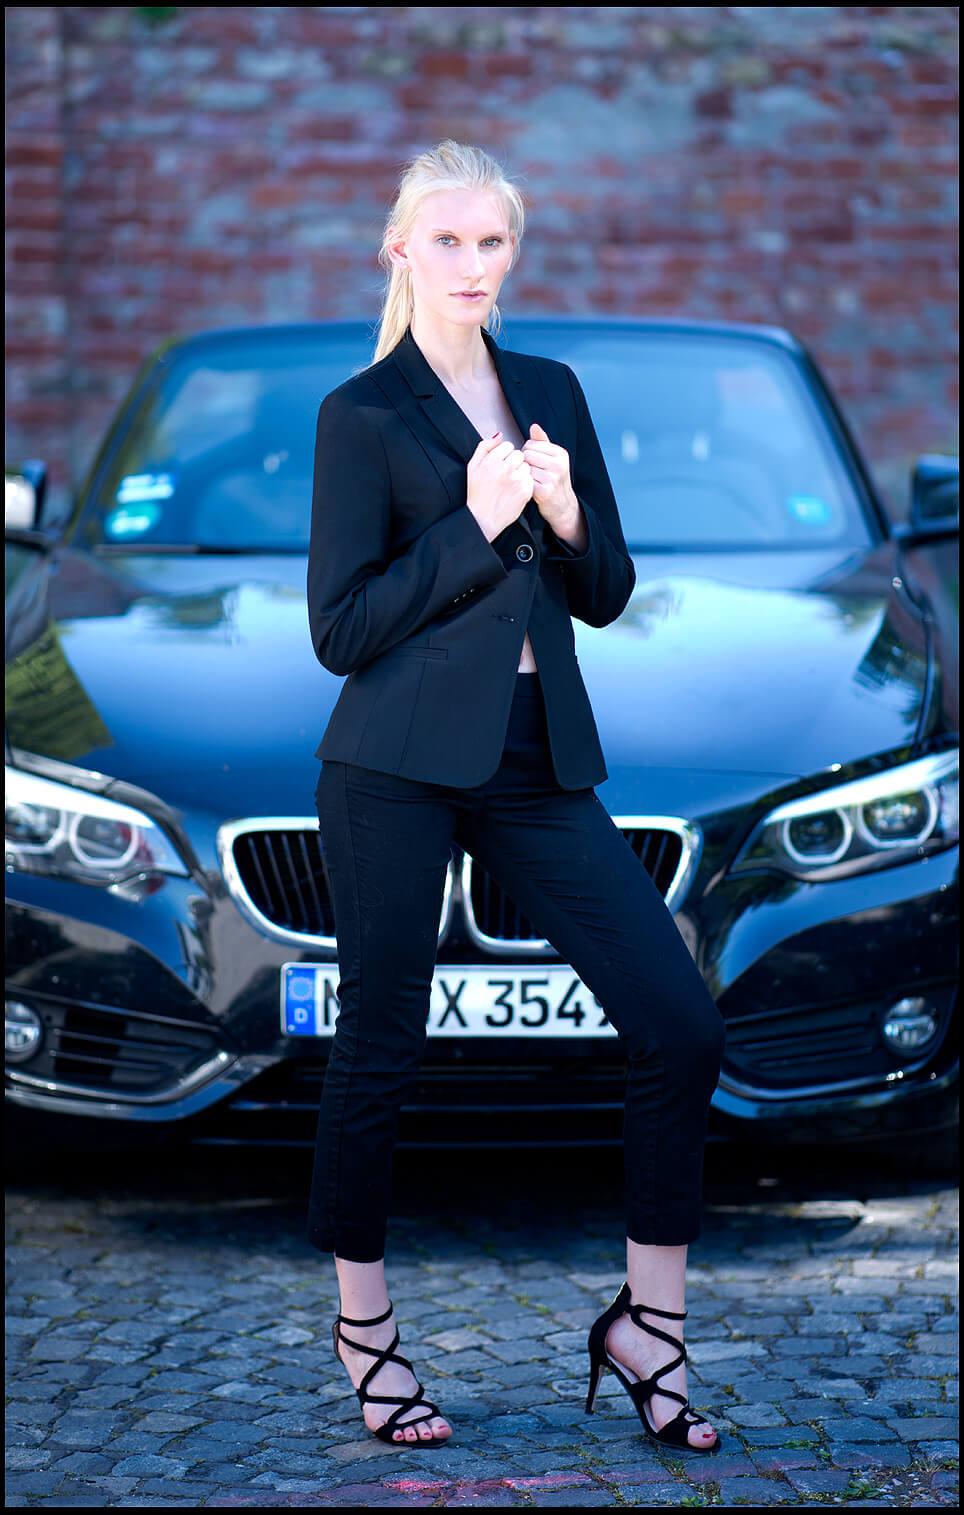 Businessfotografie Businessportrait Junge Frau Sexy im BMW Vordergund